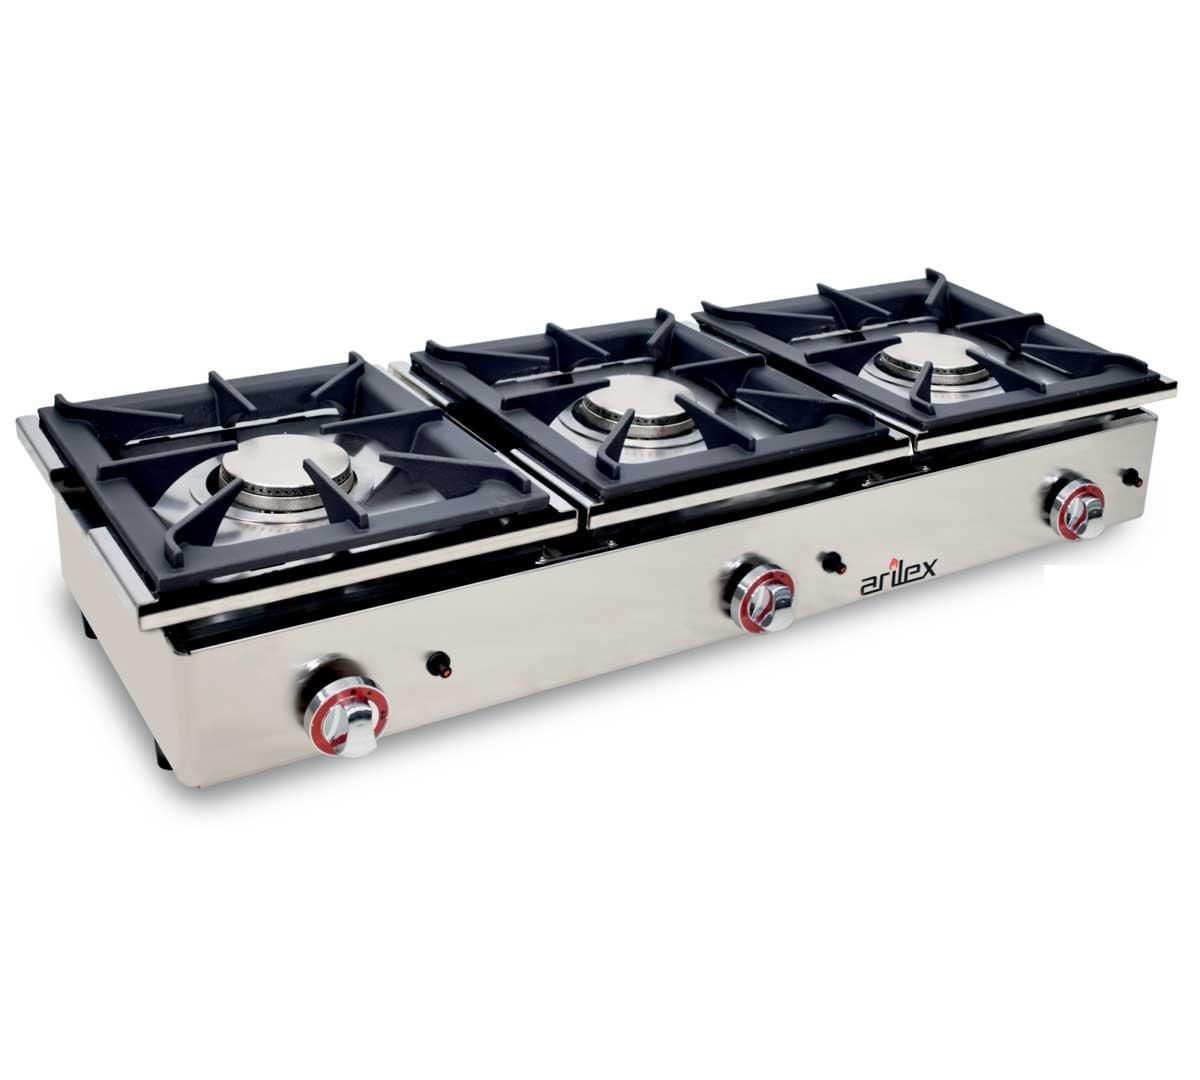 Hermoso cocina gas butano carrefour galer a de im genes calentador gas butano carrefour - Cocinas butano carrefour ...